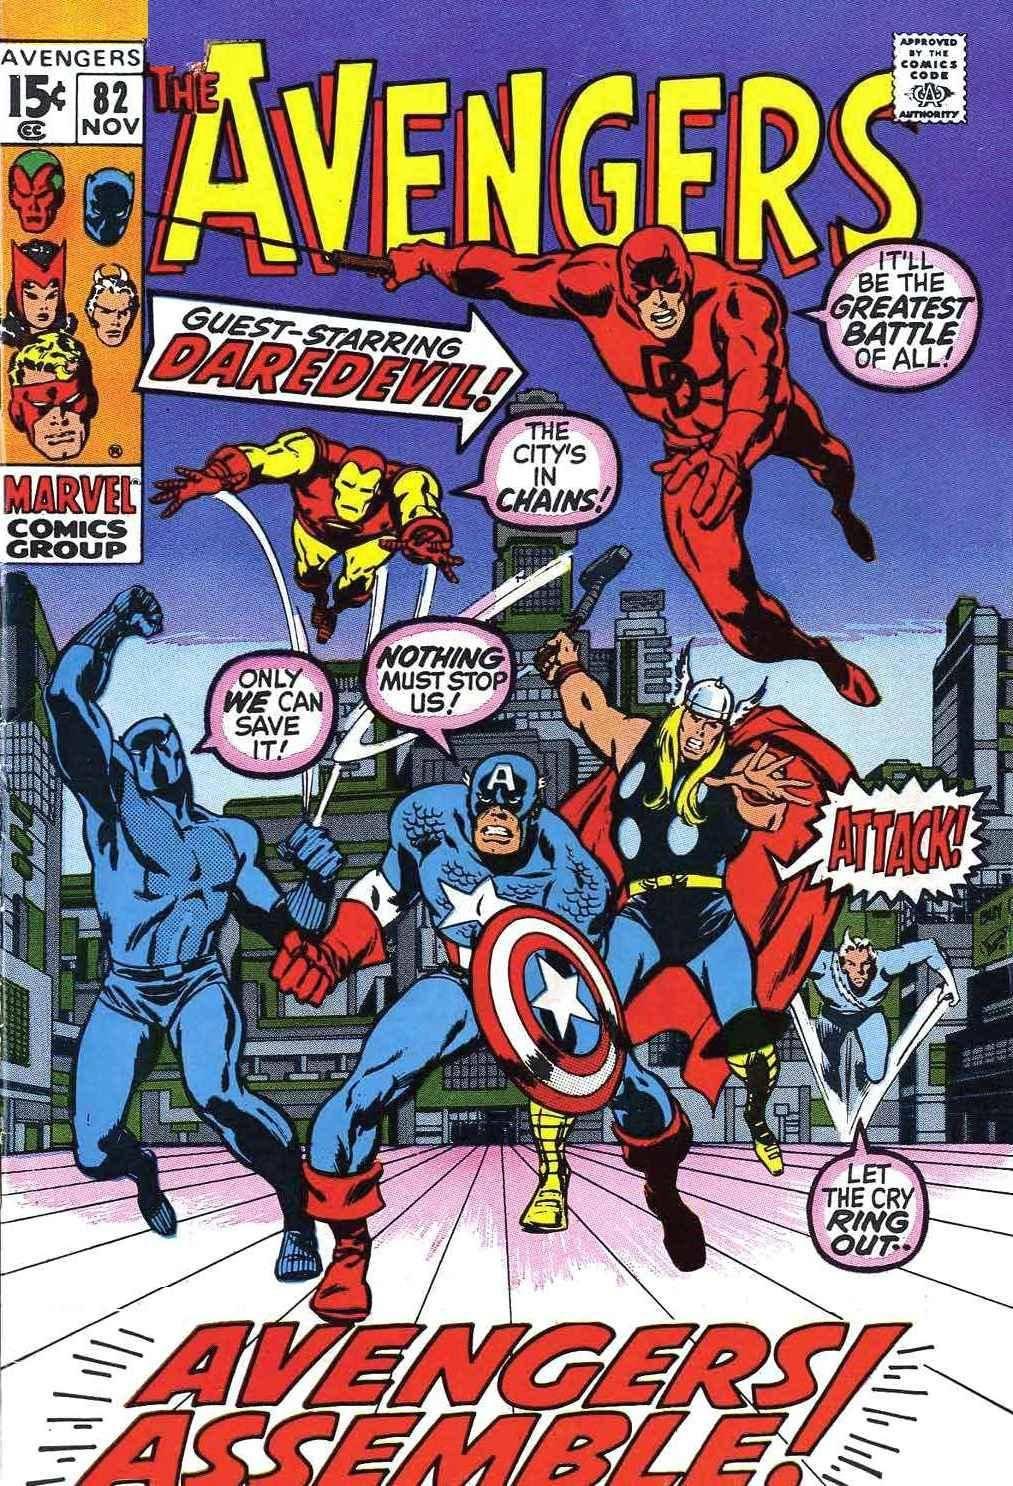 For Whomever - Avengers v1 082 cbr